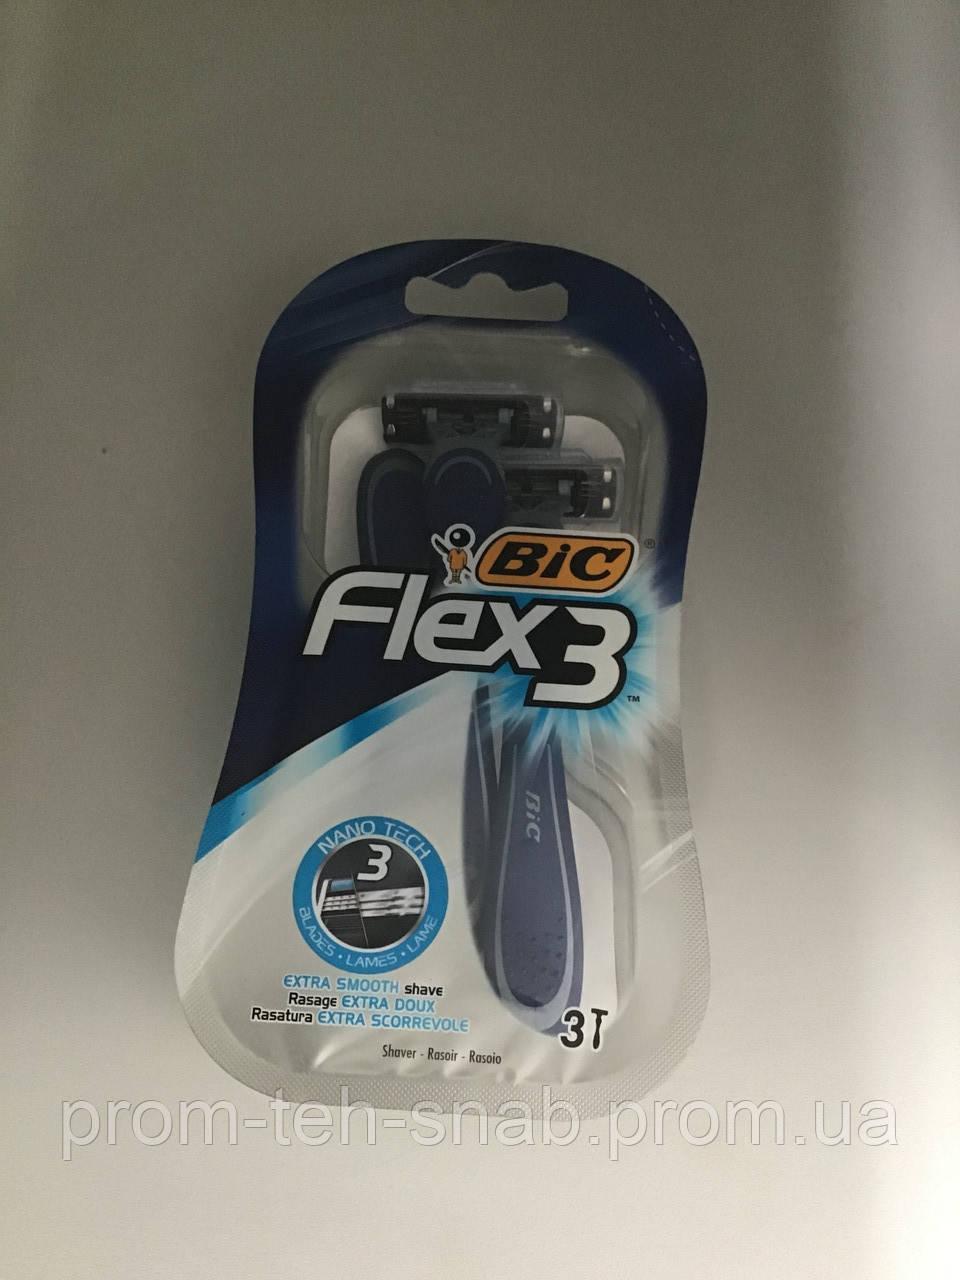 Набір одноразових станків для гоління Bic Flex3 NanoTech 3шт в упакуванні